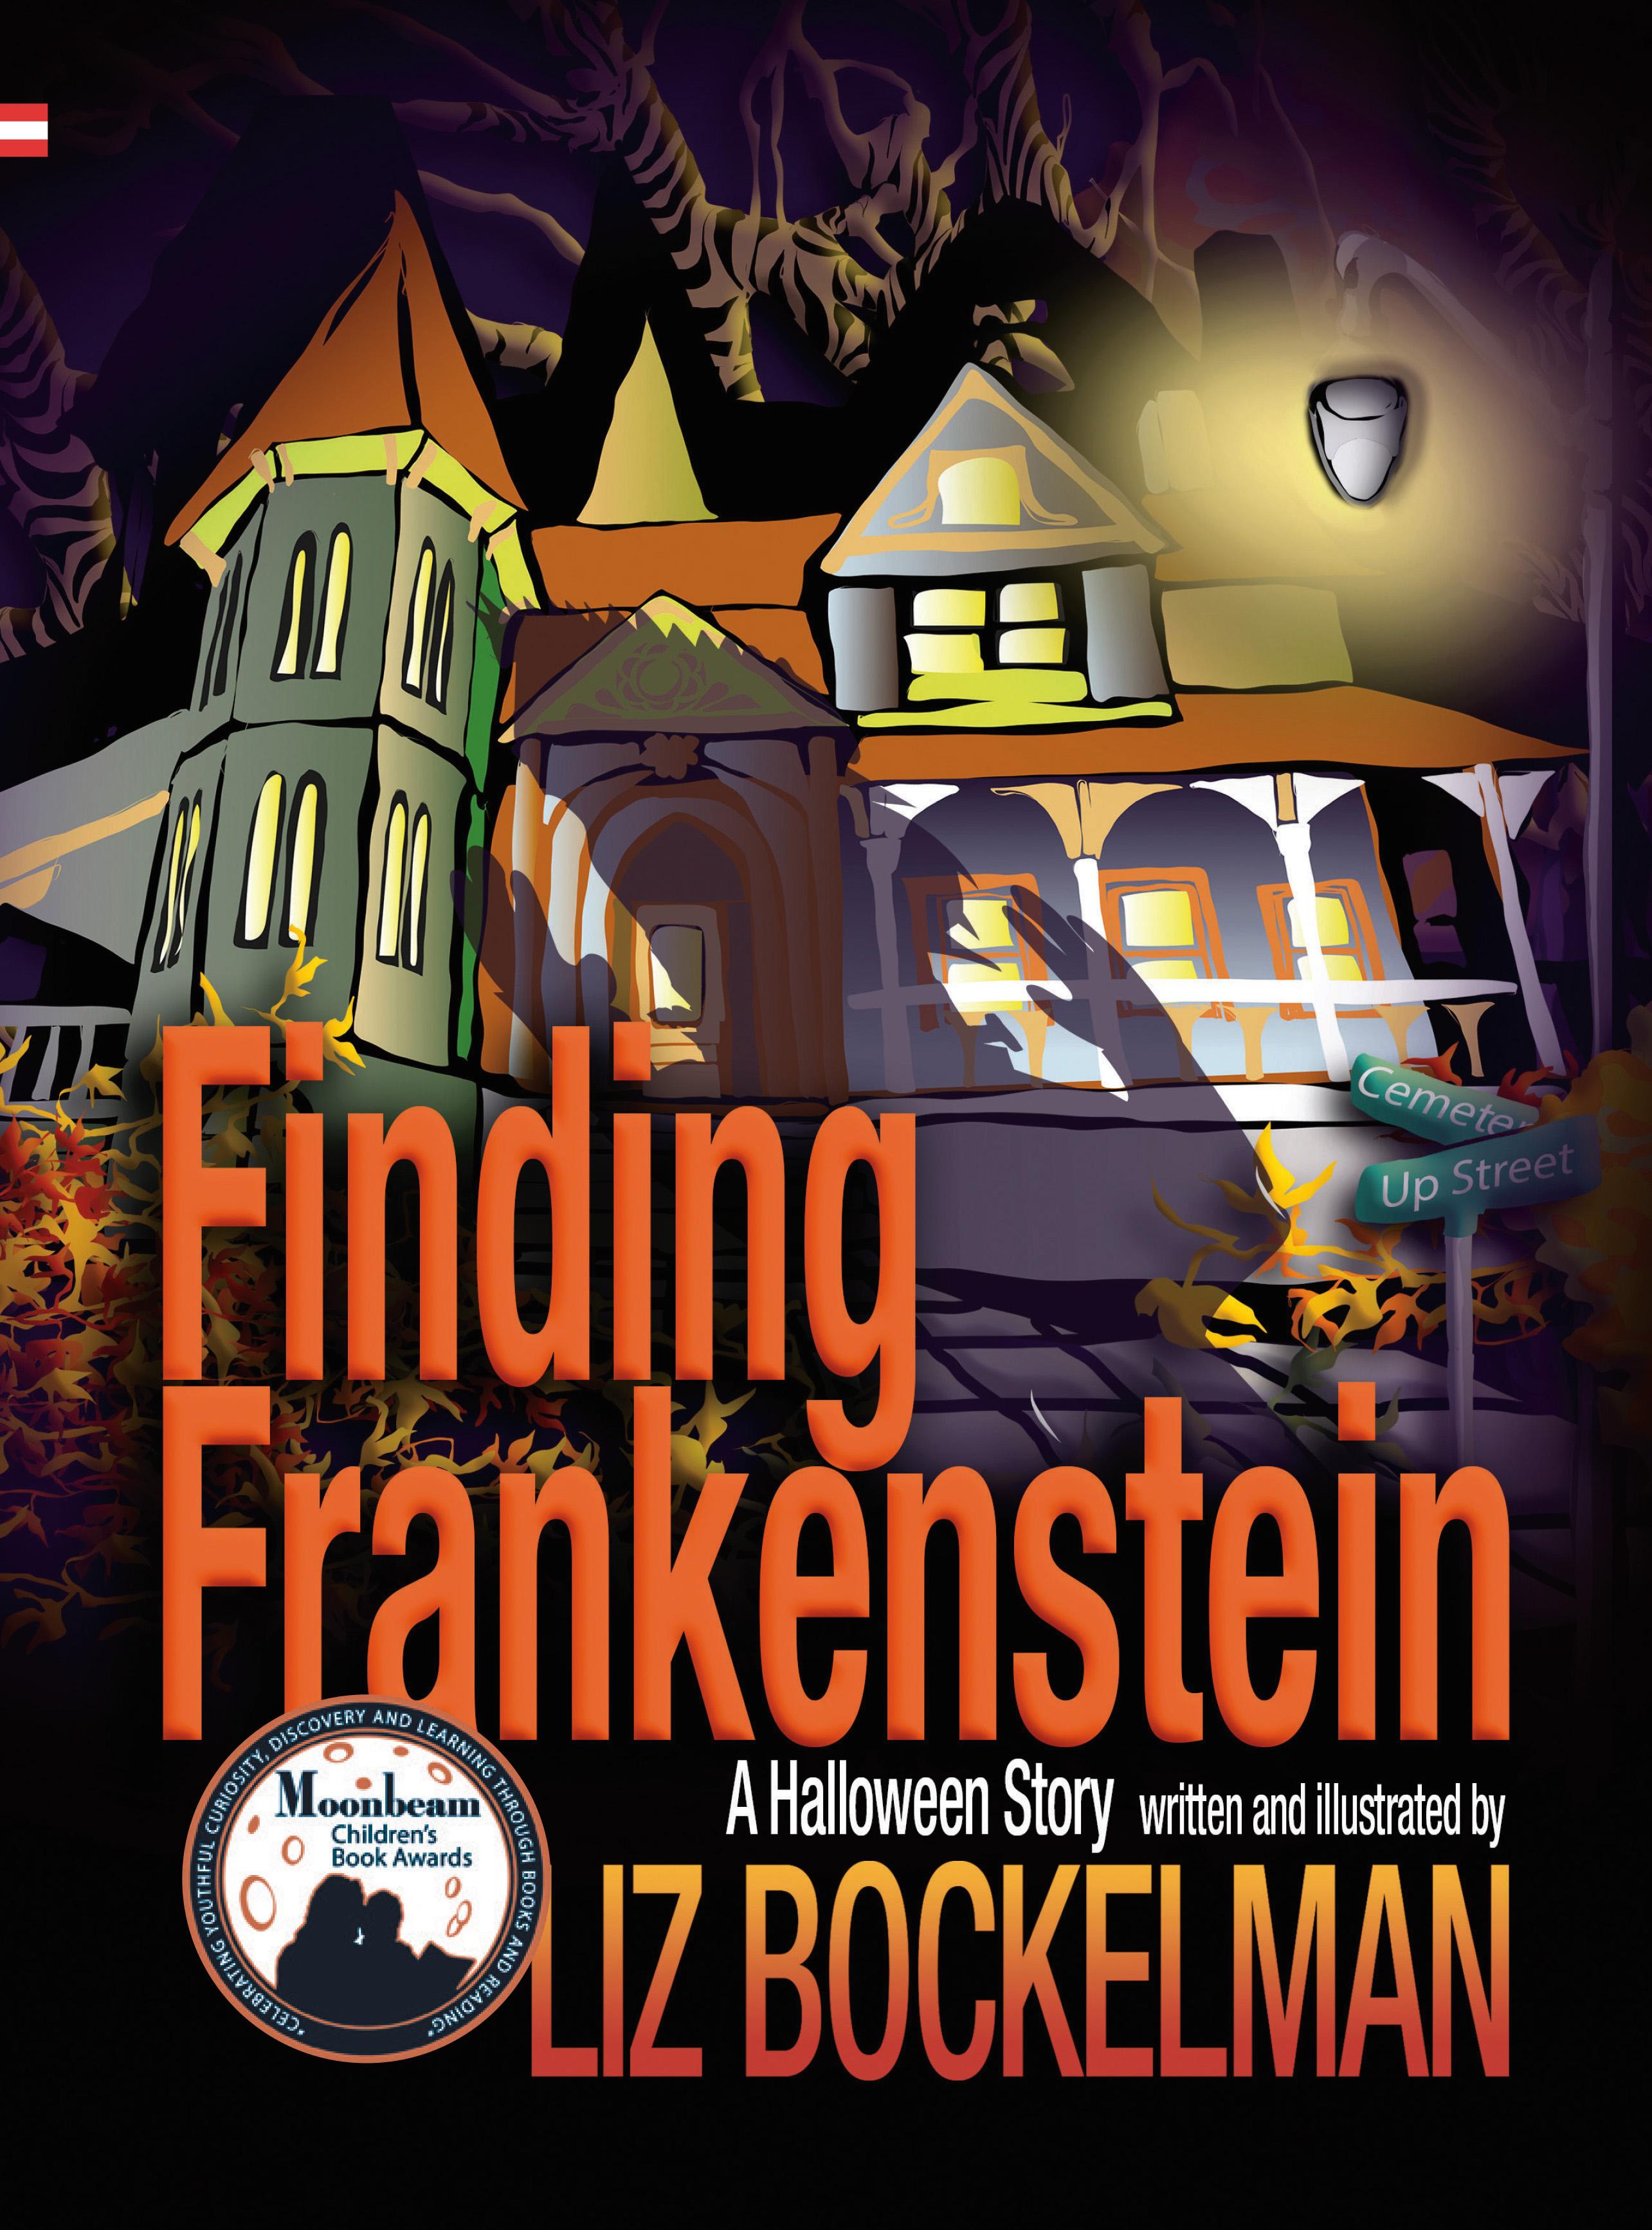 FINDING FRANKENSTEIN